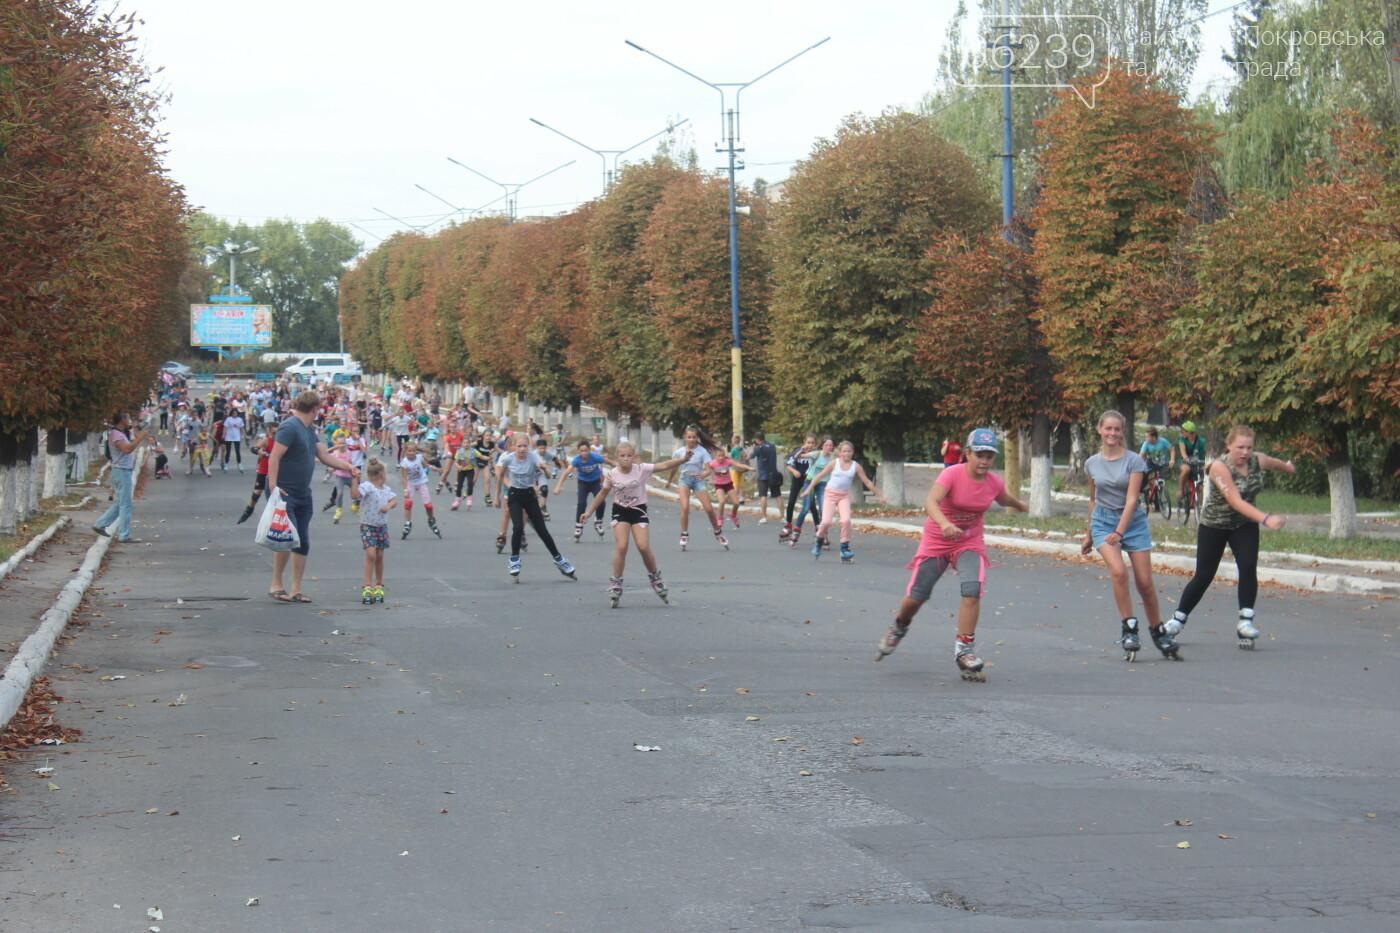 «Ролерфест» и соревнования: в Мирнограде отметили День физкультуры и спорта , фото-15